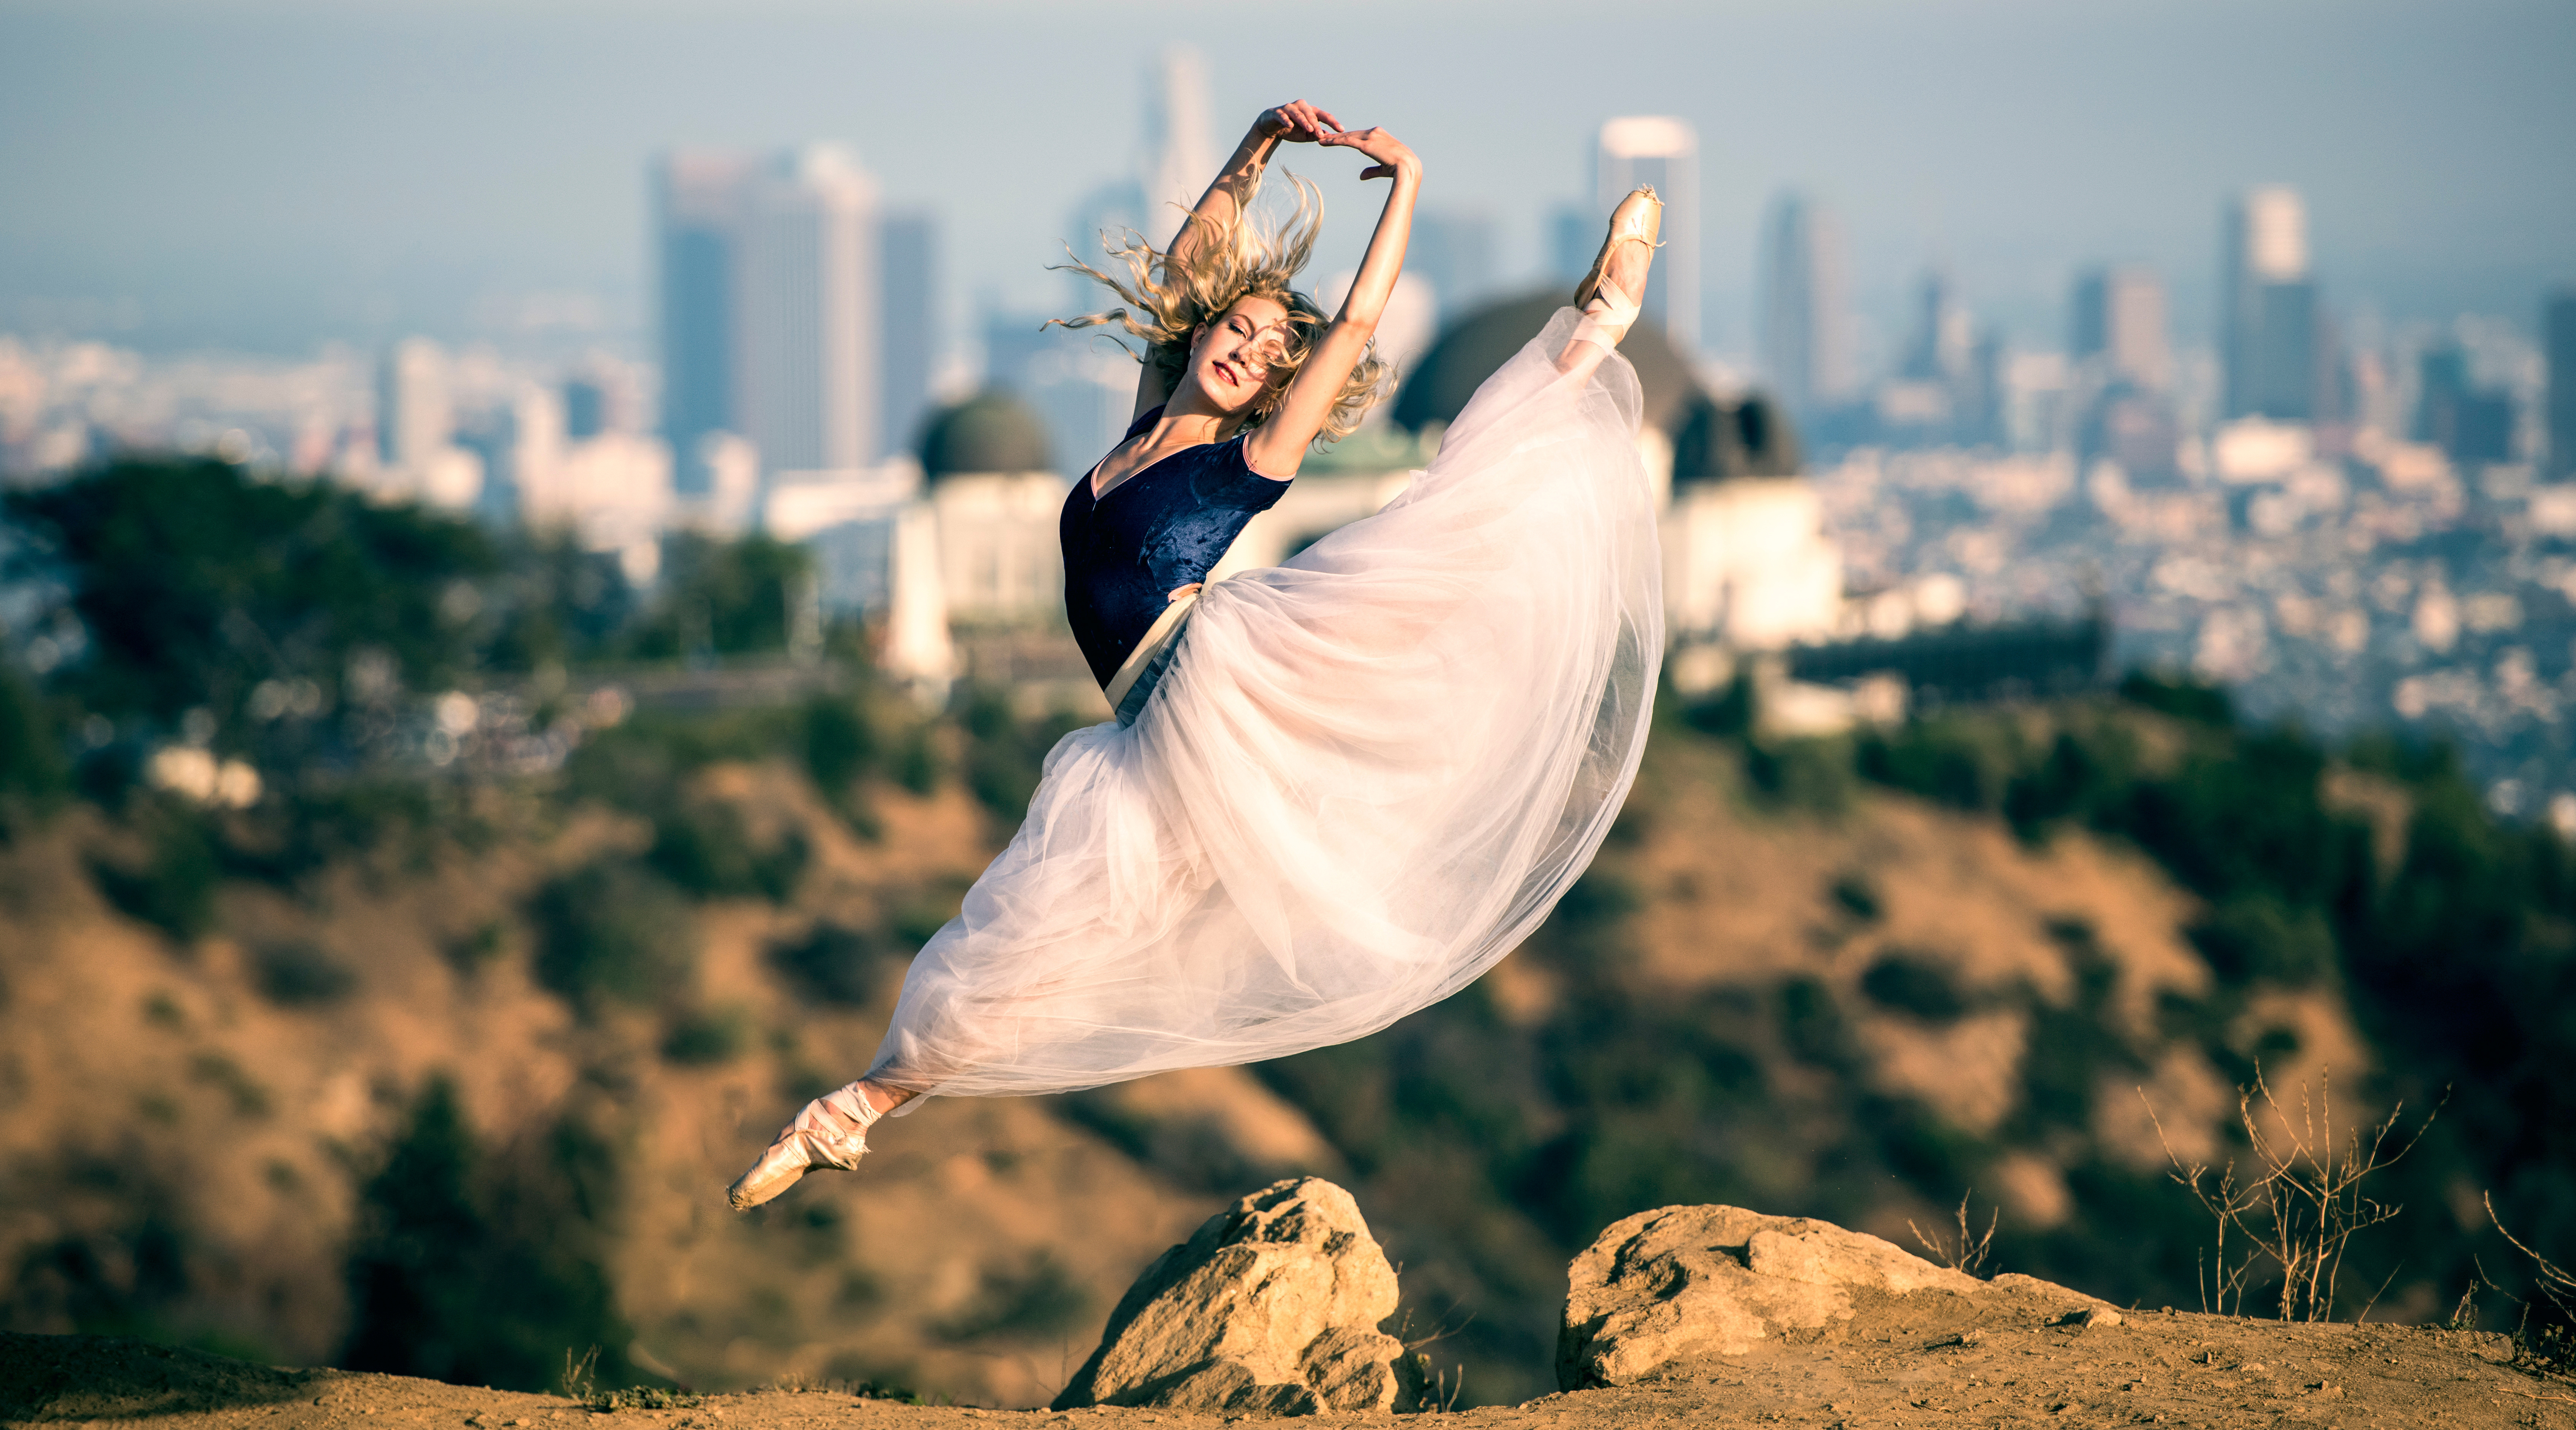 Балерина  № 1822345 без смс